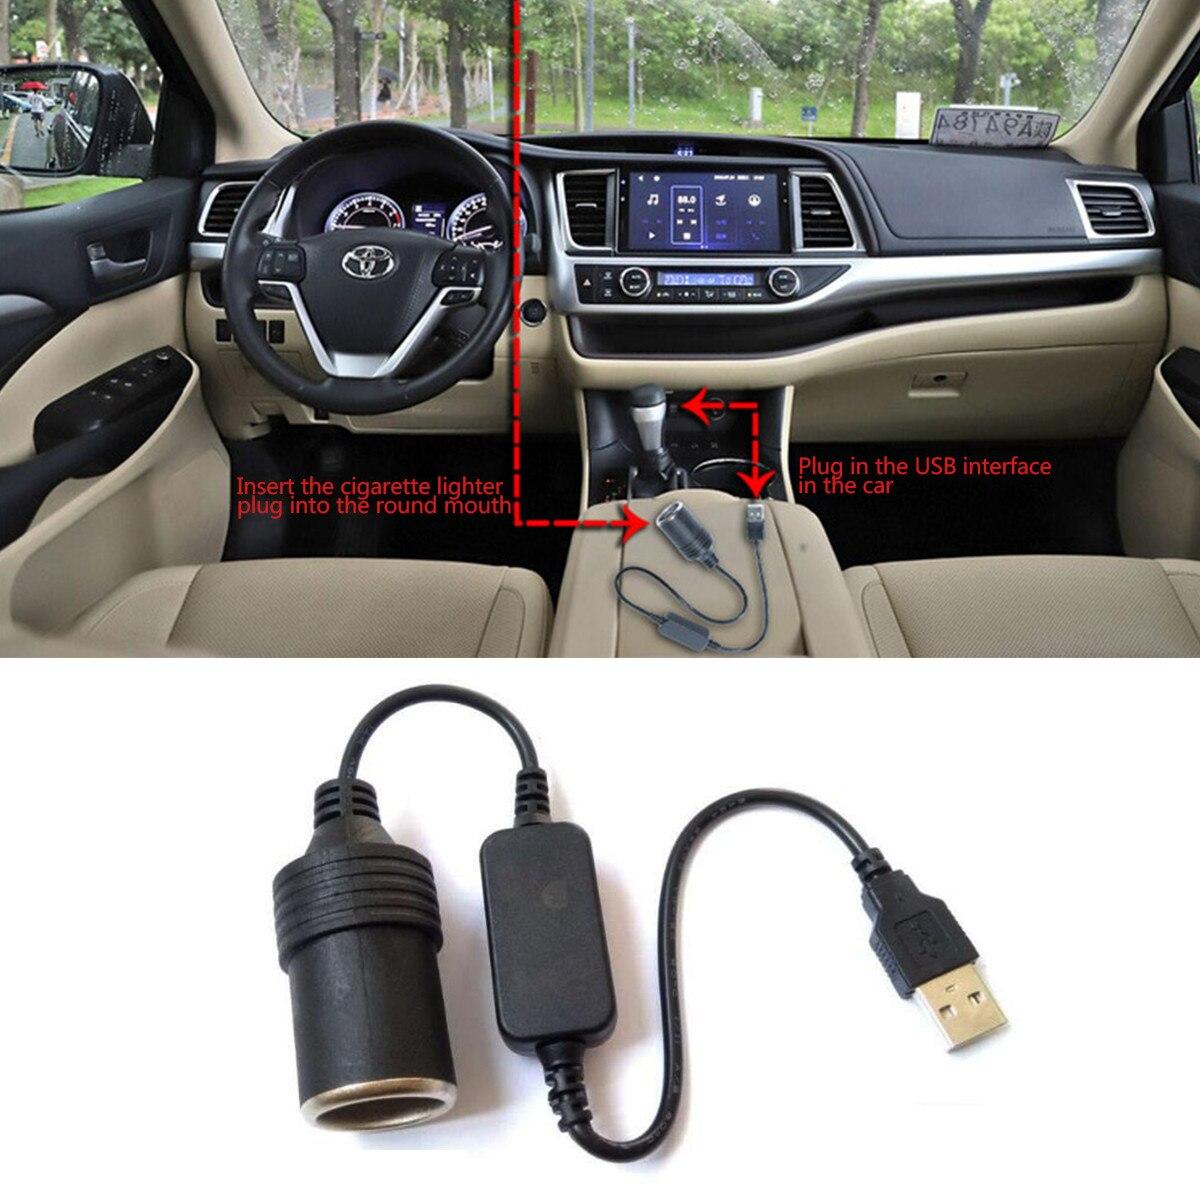 USB Port 5V To 12V Car Cigarette Lighter Socket Female Converter Adapter Cord